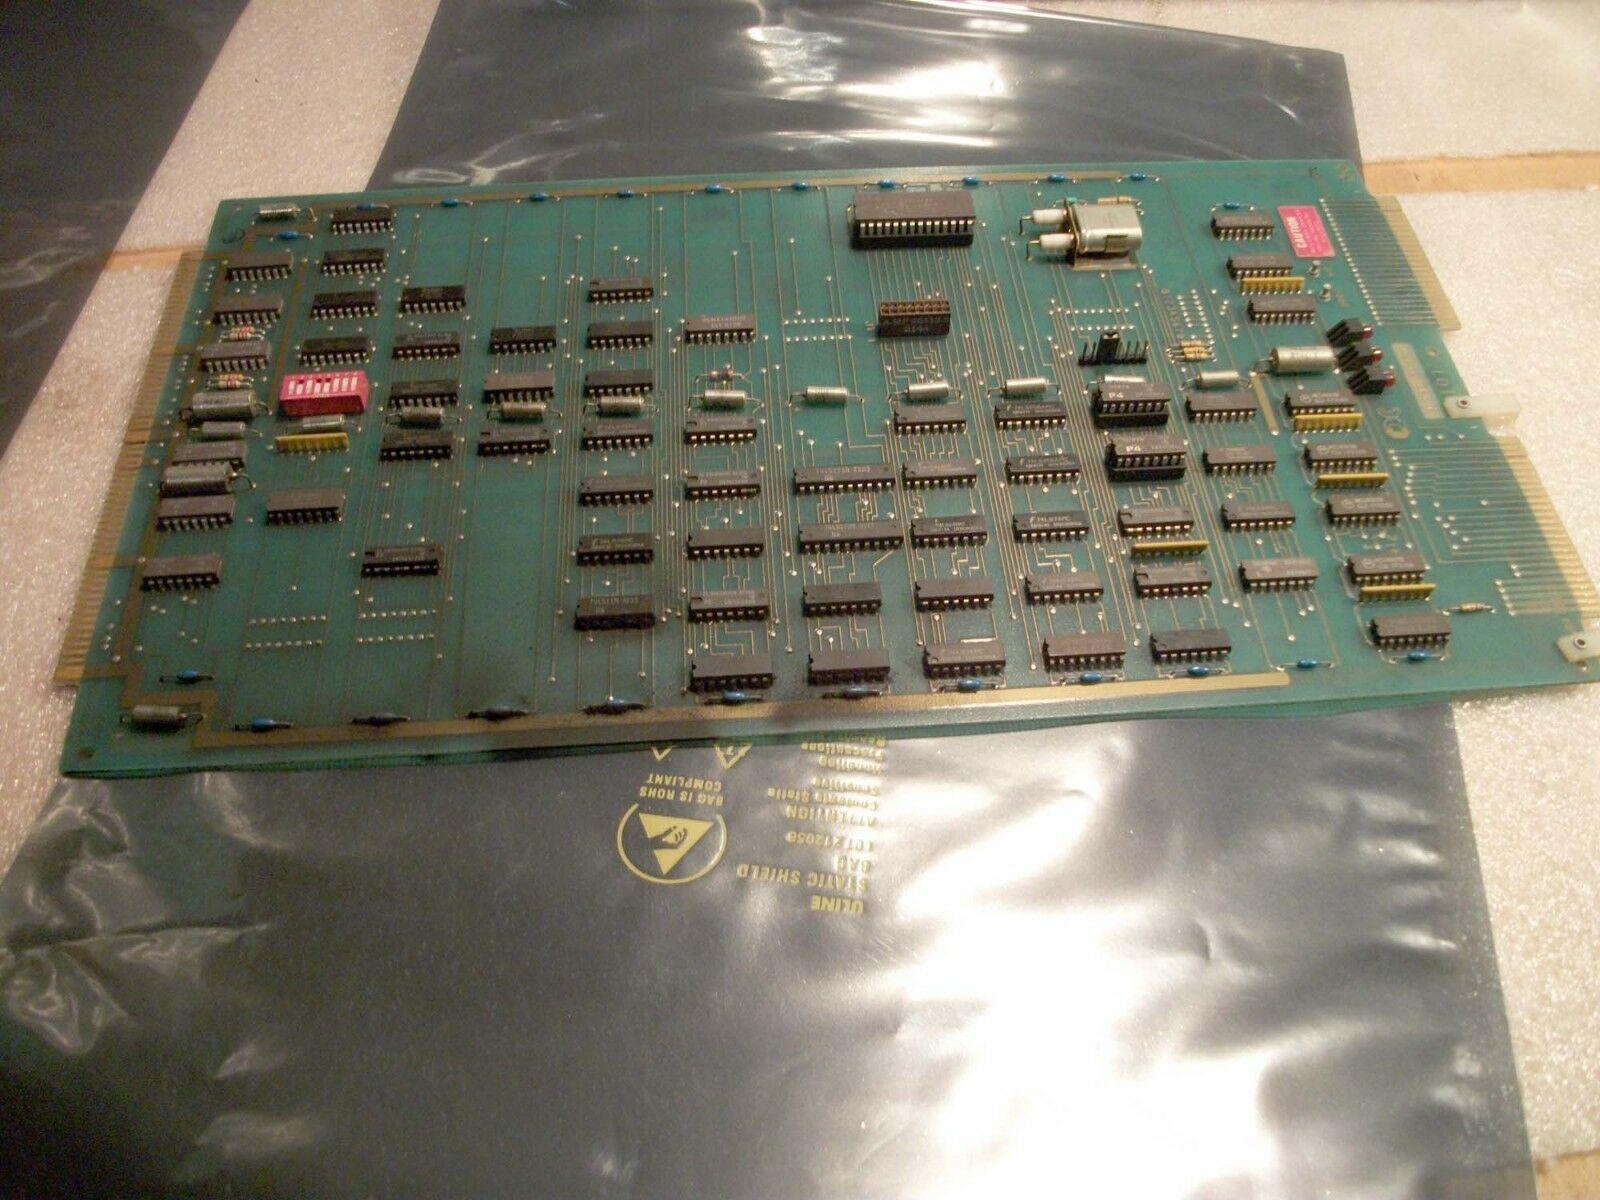 Cincinnati Acramatic 900 Board # 3-531-3567A